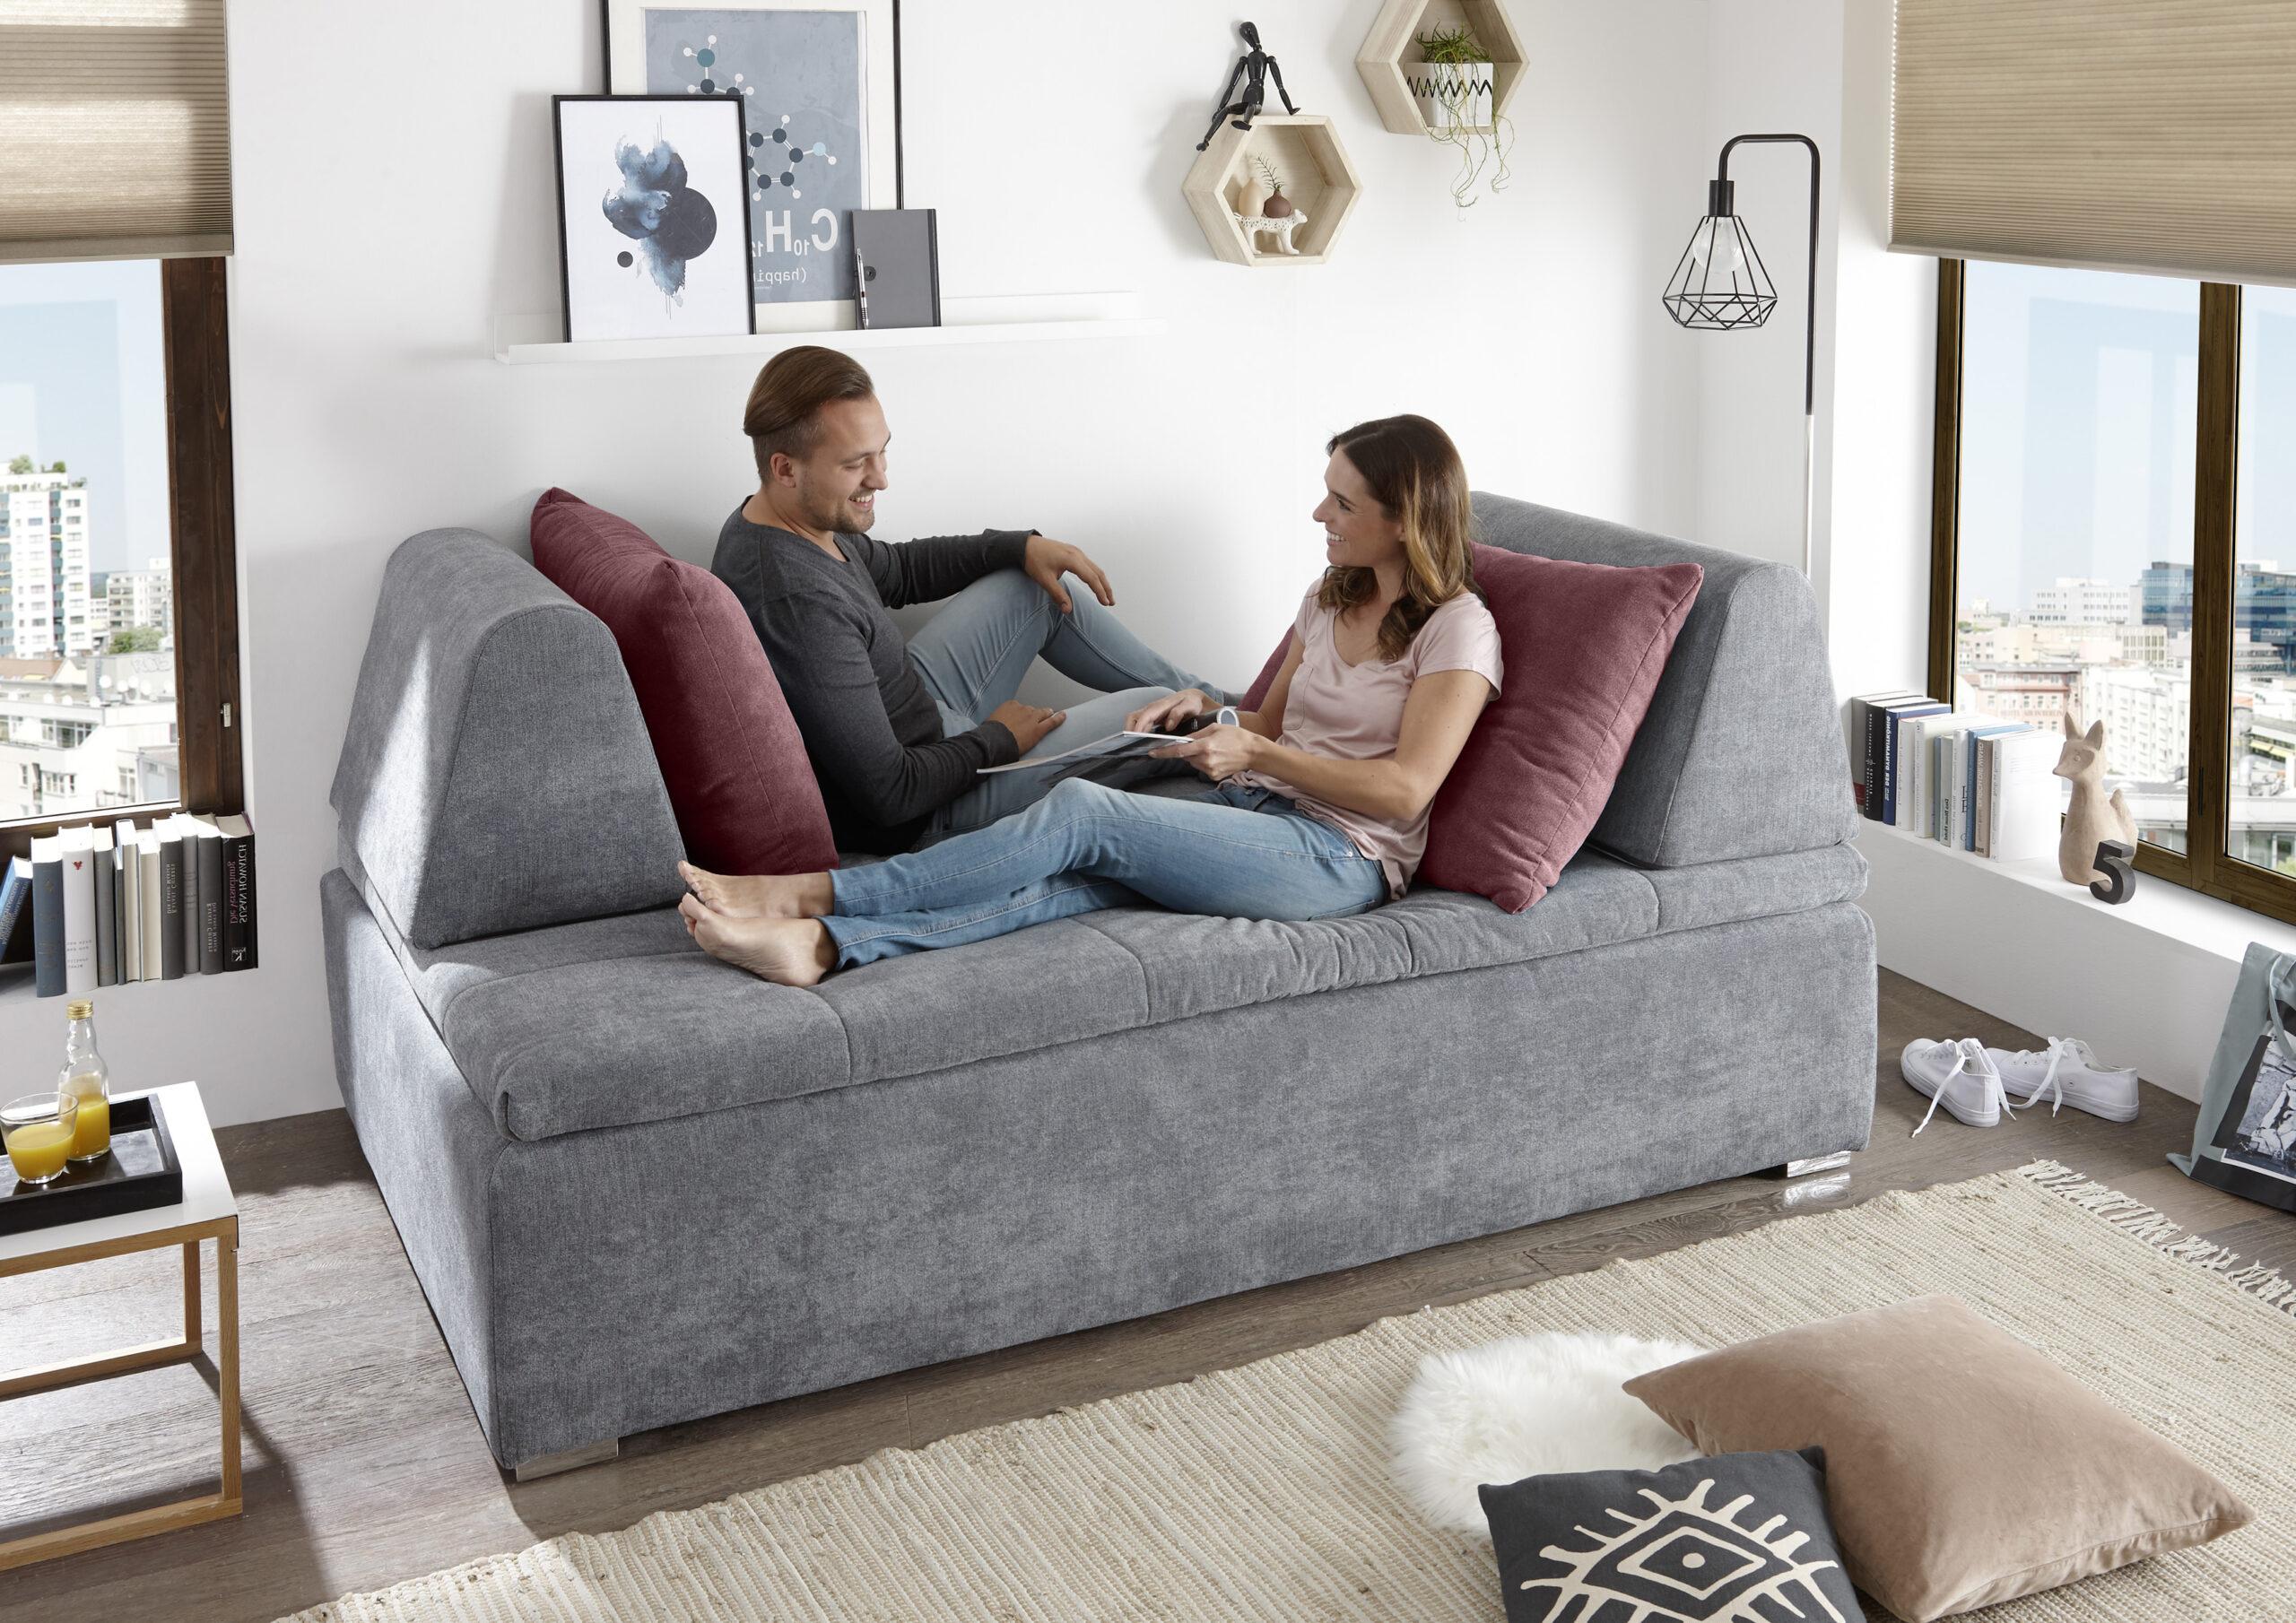 Full Size of Couch Sofa Zweisitzer Boxspring Bettsofa Schlafsofa Pu Topper Grau Bett 200x200 Weiß Komforthöhe Stauraum Betten Mit Bettkasten Liegefläche 160x200 180x200 Wohnzimmer Schlafsofa 200x200